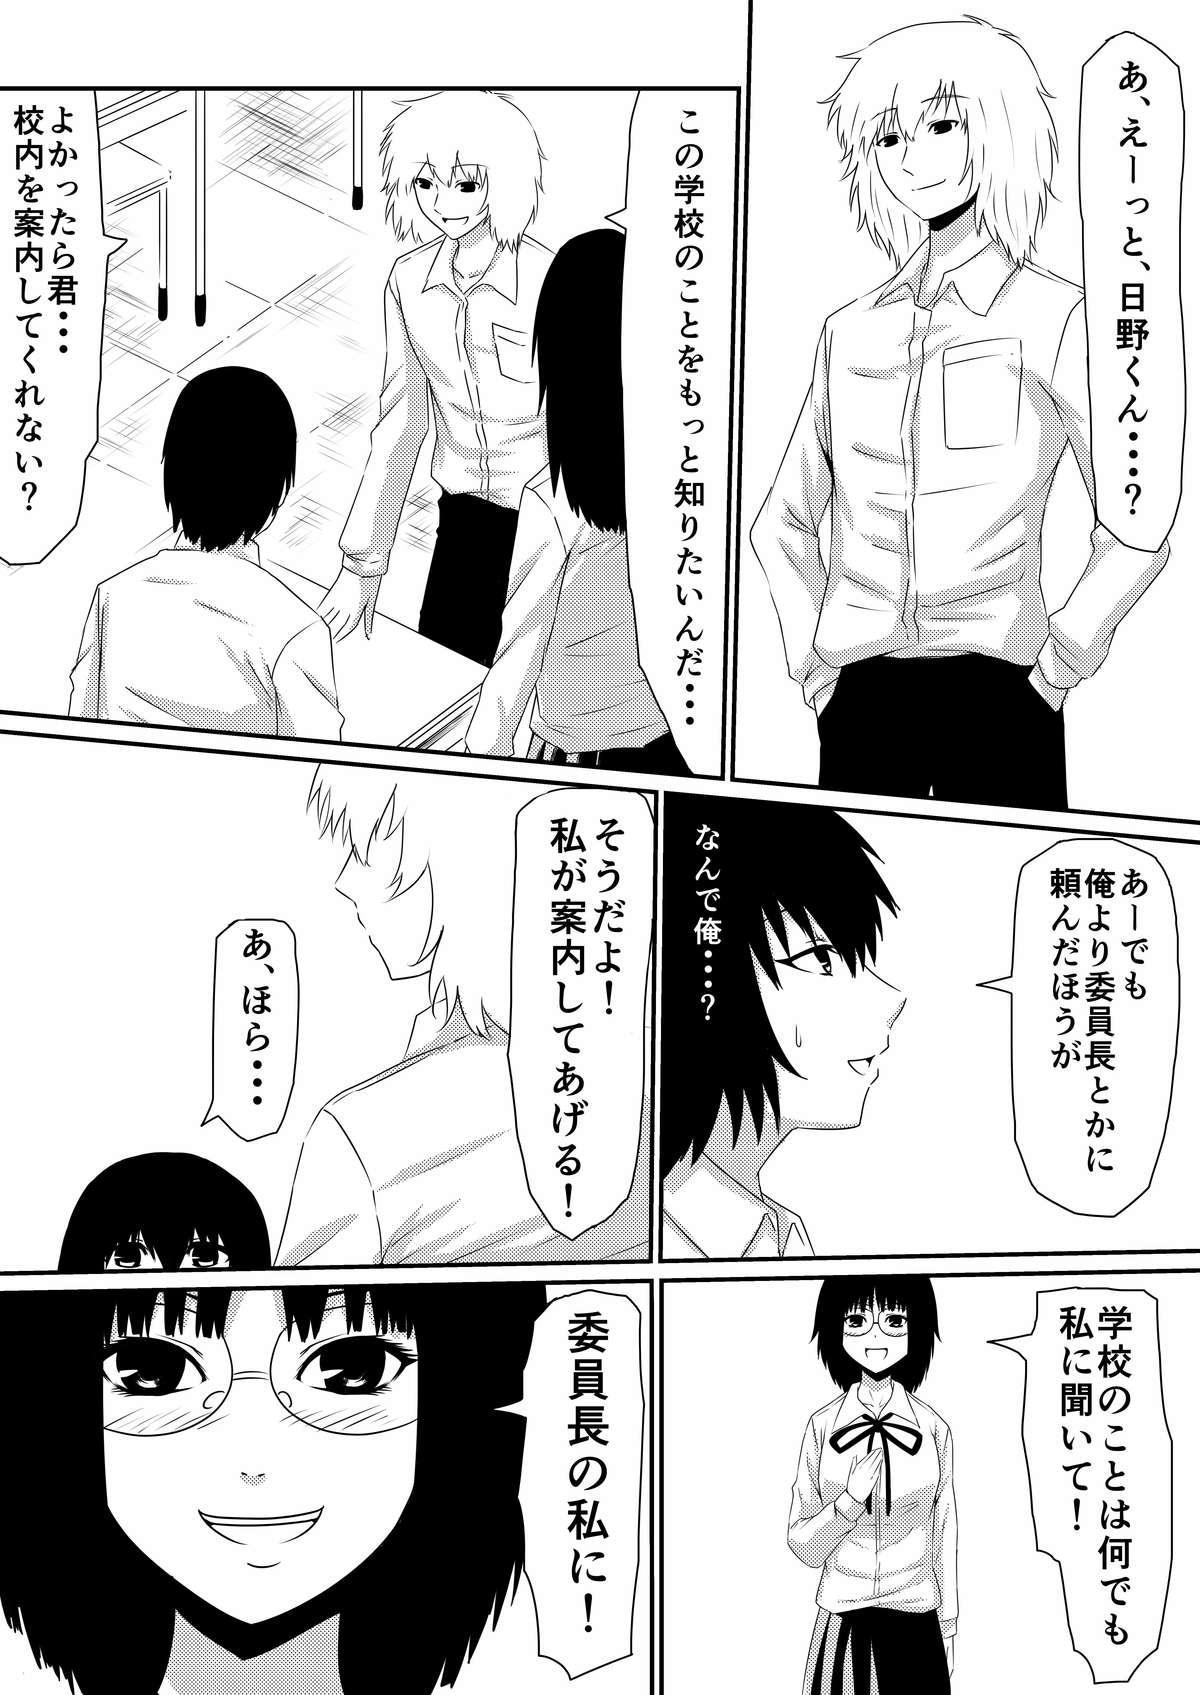 [Mikezoutei] Mashou no Chinko o Motsu Shounen ~Kare no Dankon wa Josei o Mesu e to Kaeru~ Zenpen 6